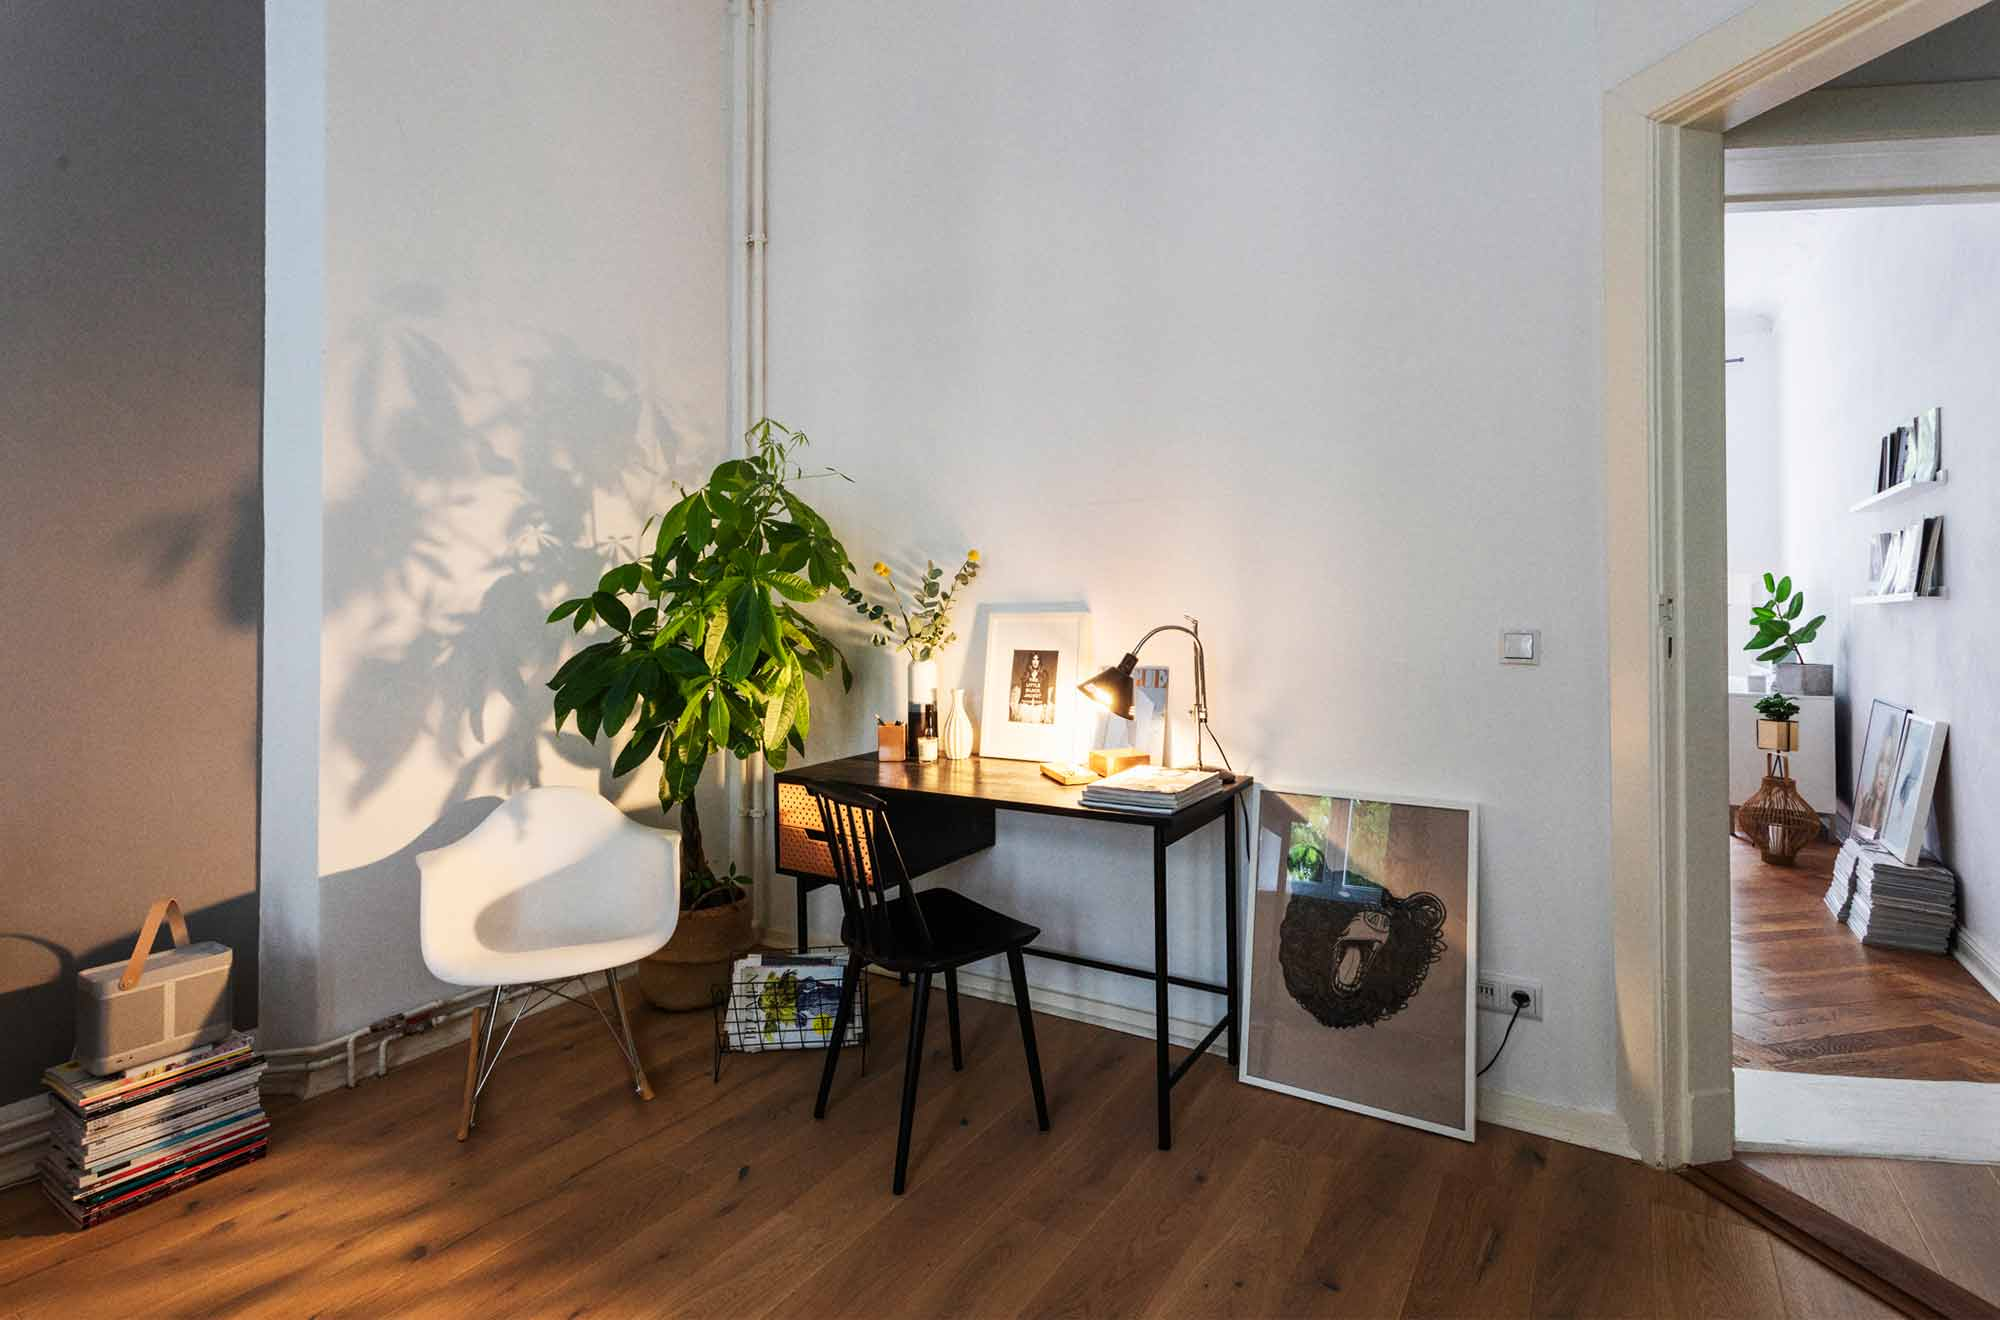 Femtastics-Kateshyggehome-Schreibtisch-Home-Office